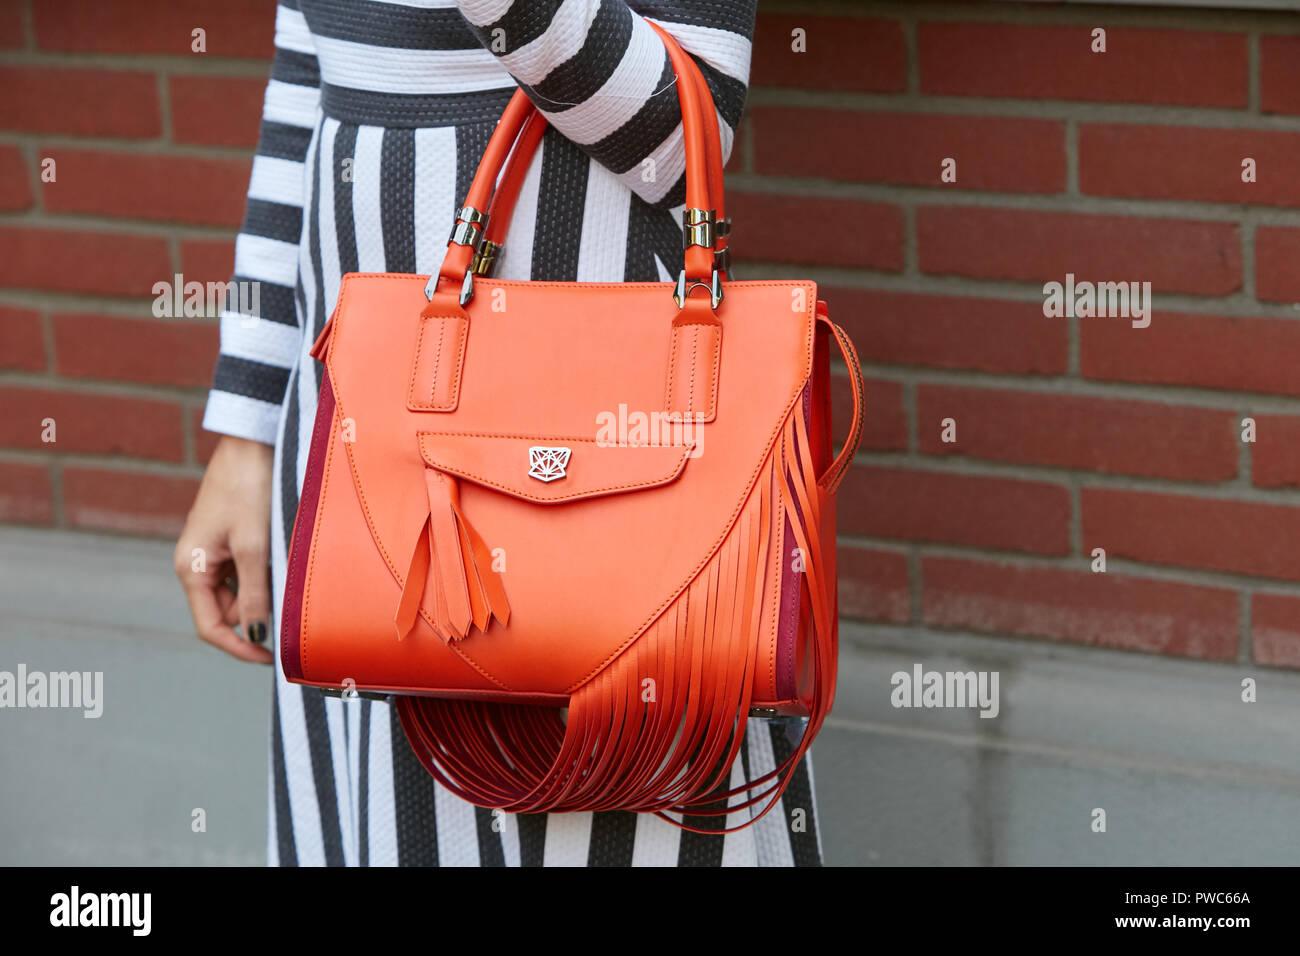 Mailand, Italien 20 SEPTEMBER 2018: Frau mit orange Leder